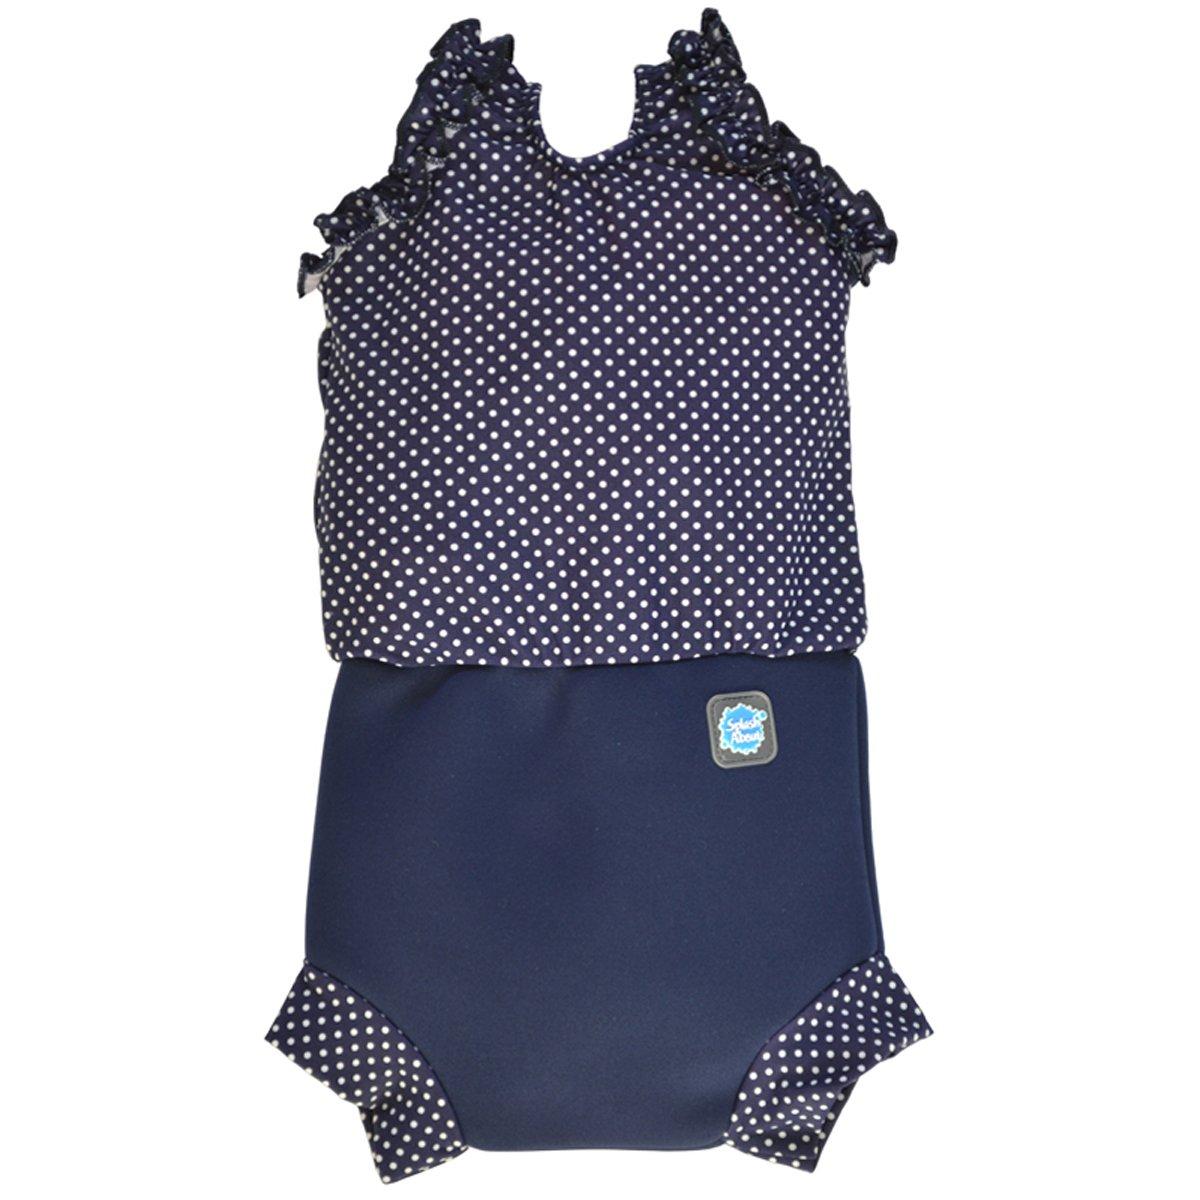 Splash About - Costume da bambina con inserto assorbente tipo pannolino, Uomo, Navy/White, M